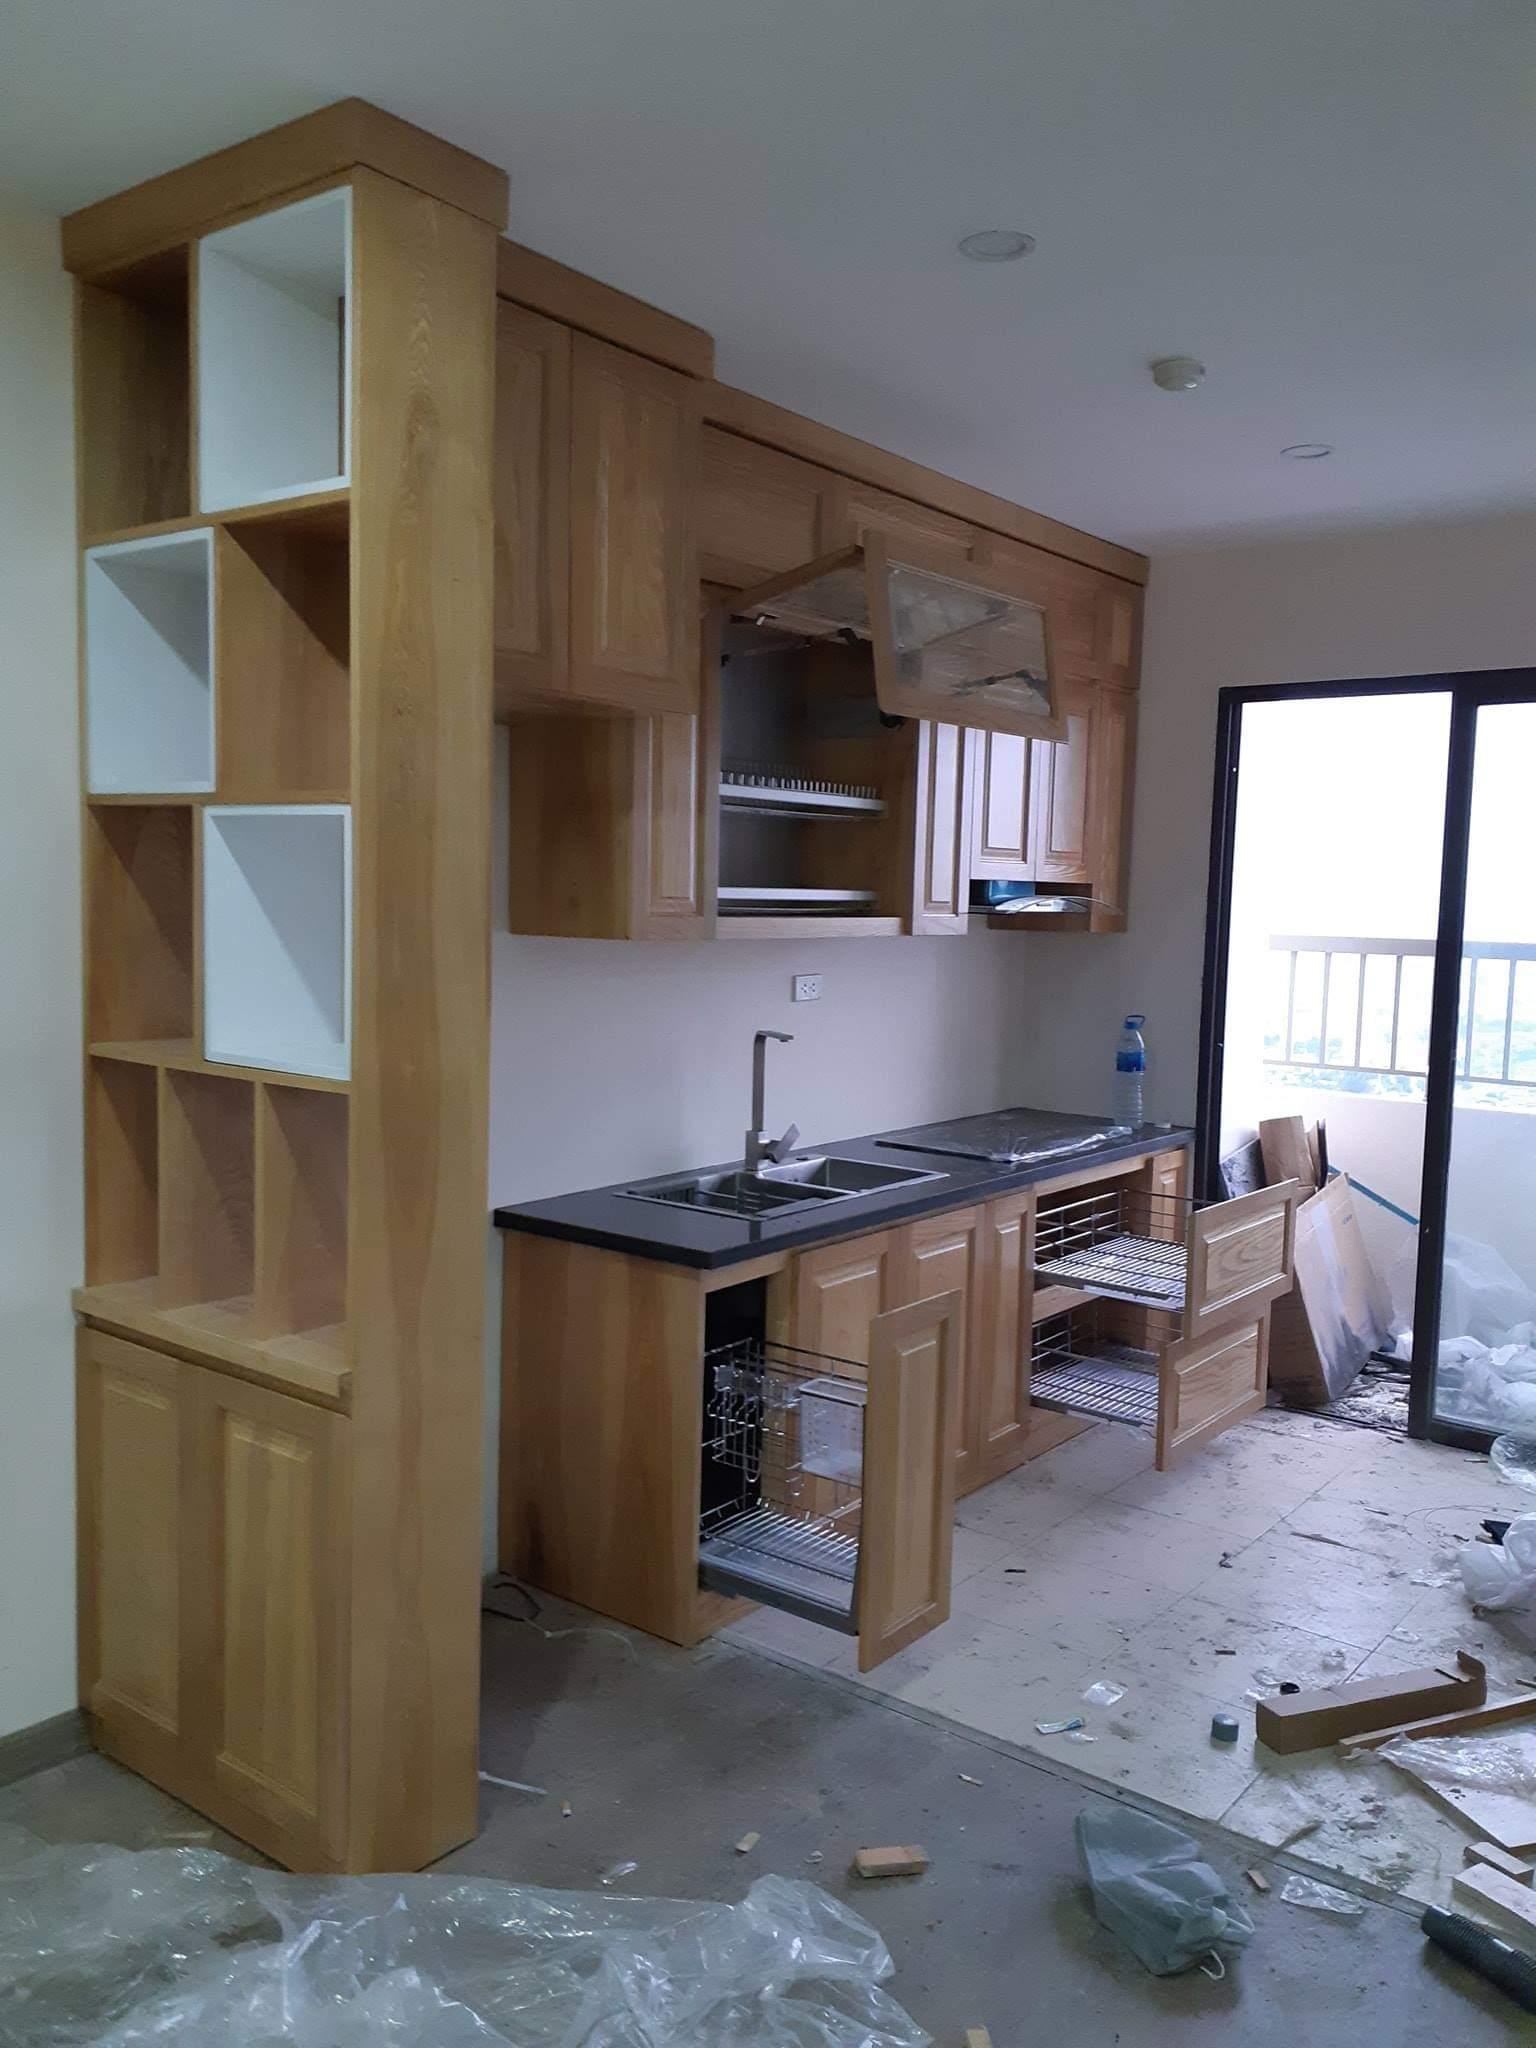 Tủ bếp gỗ sồi Mỹ chữ I đầy đủ tiện nghi.